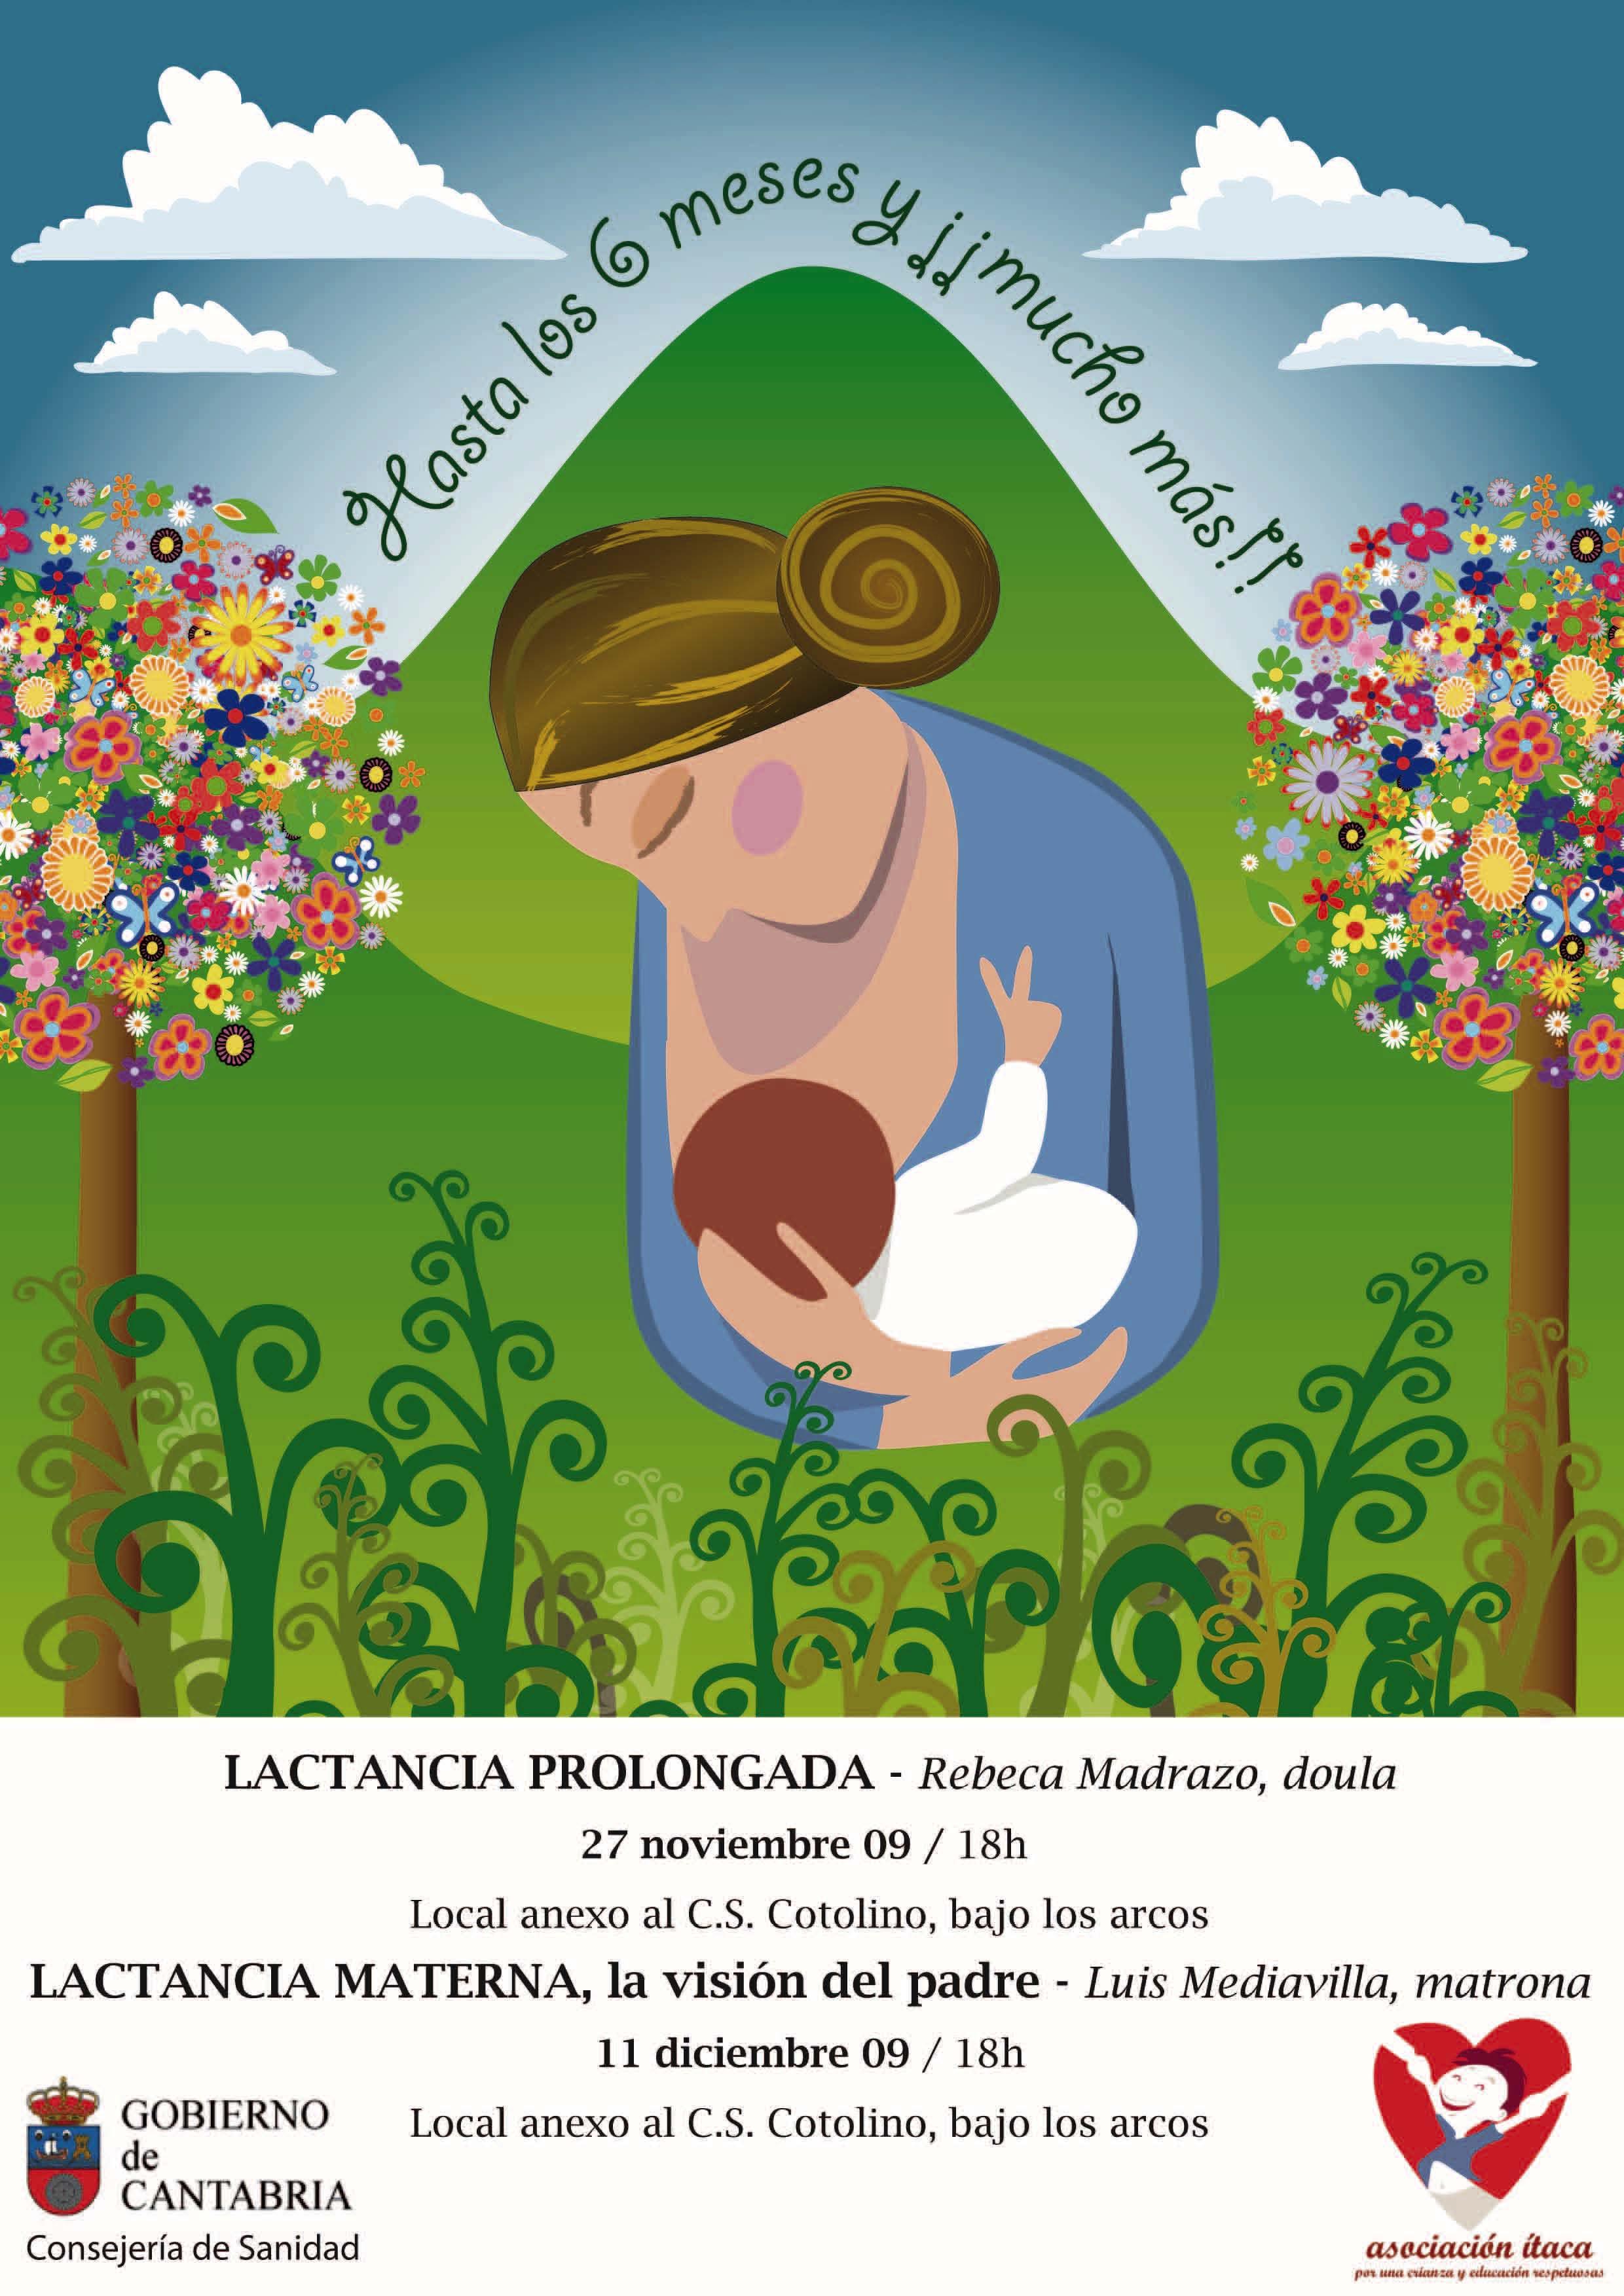 Cuantificacin de los beneficios de la lactancia materna